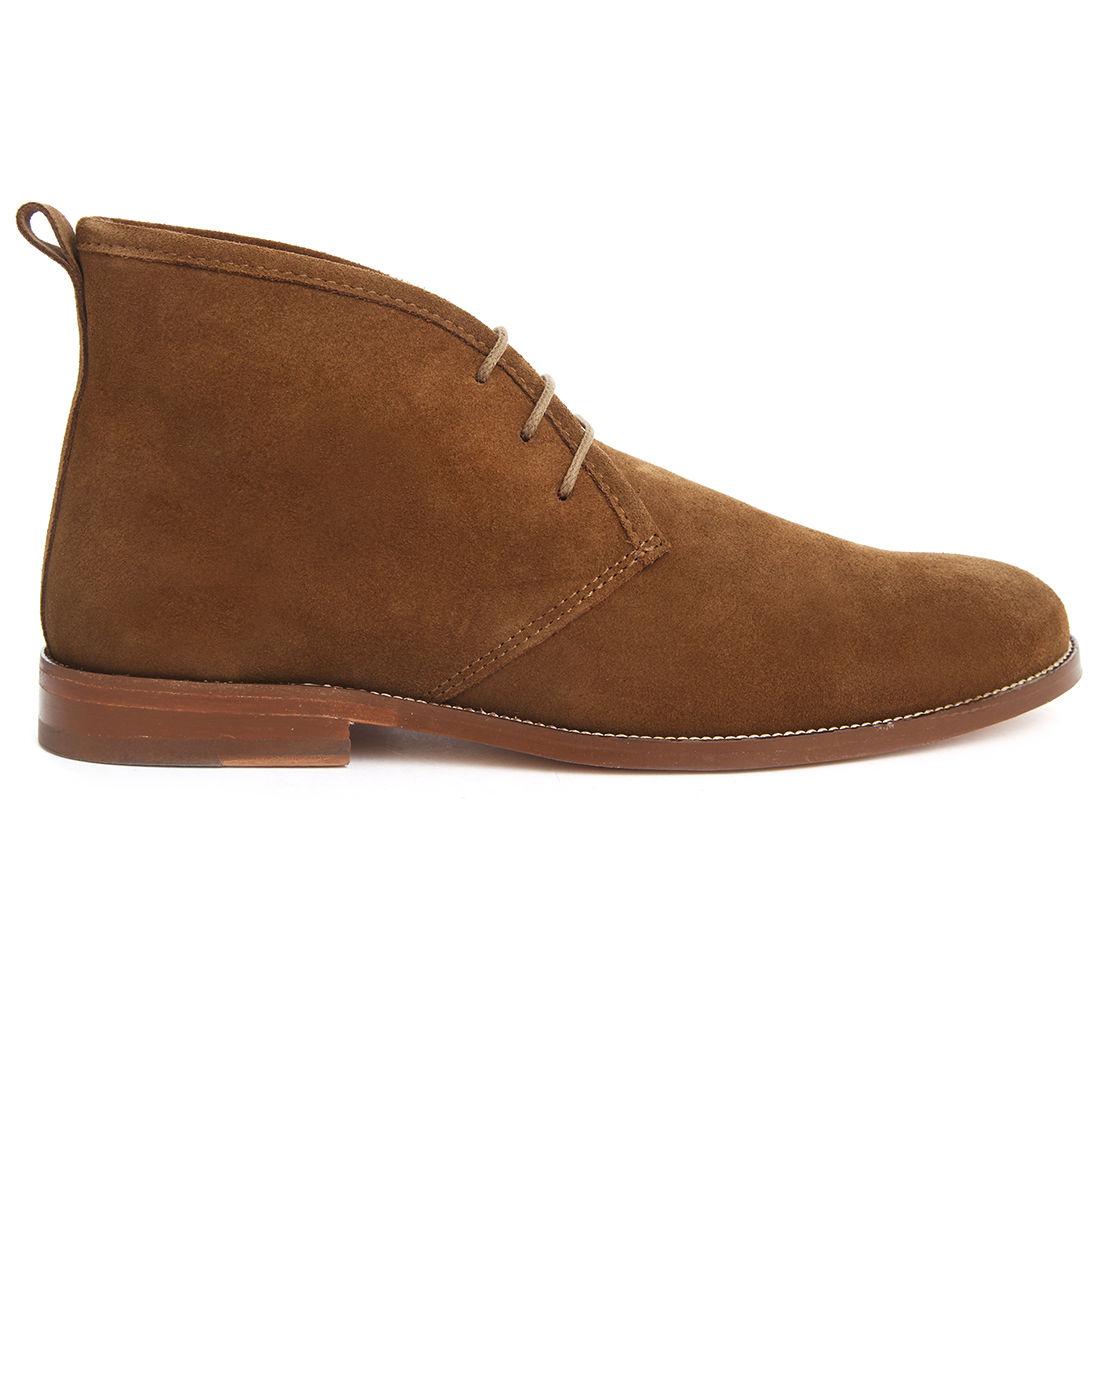 bobbies le monsieur camel suede desert boots in brown for. Black Bedroom Furniture Sets. Home Design Ideas